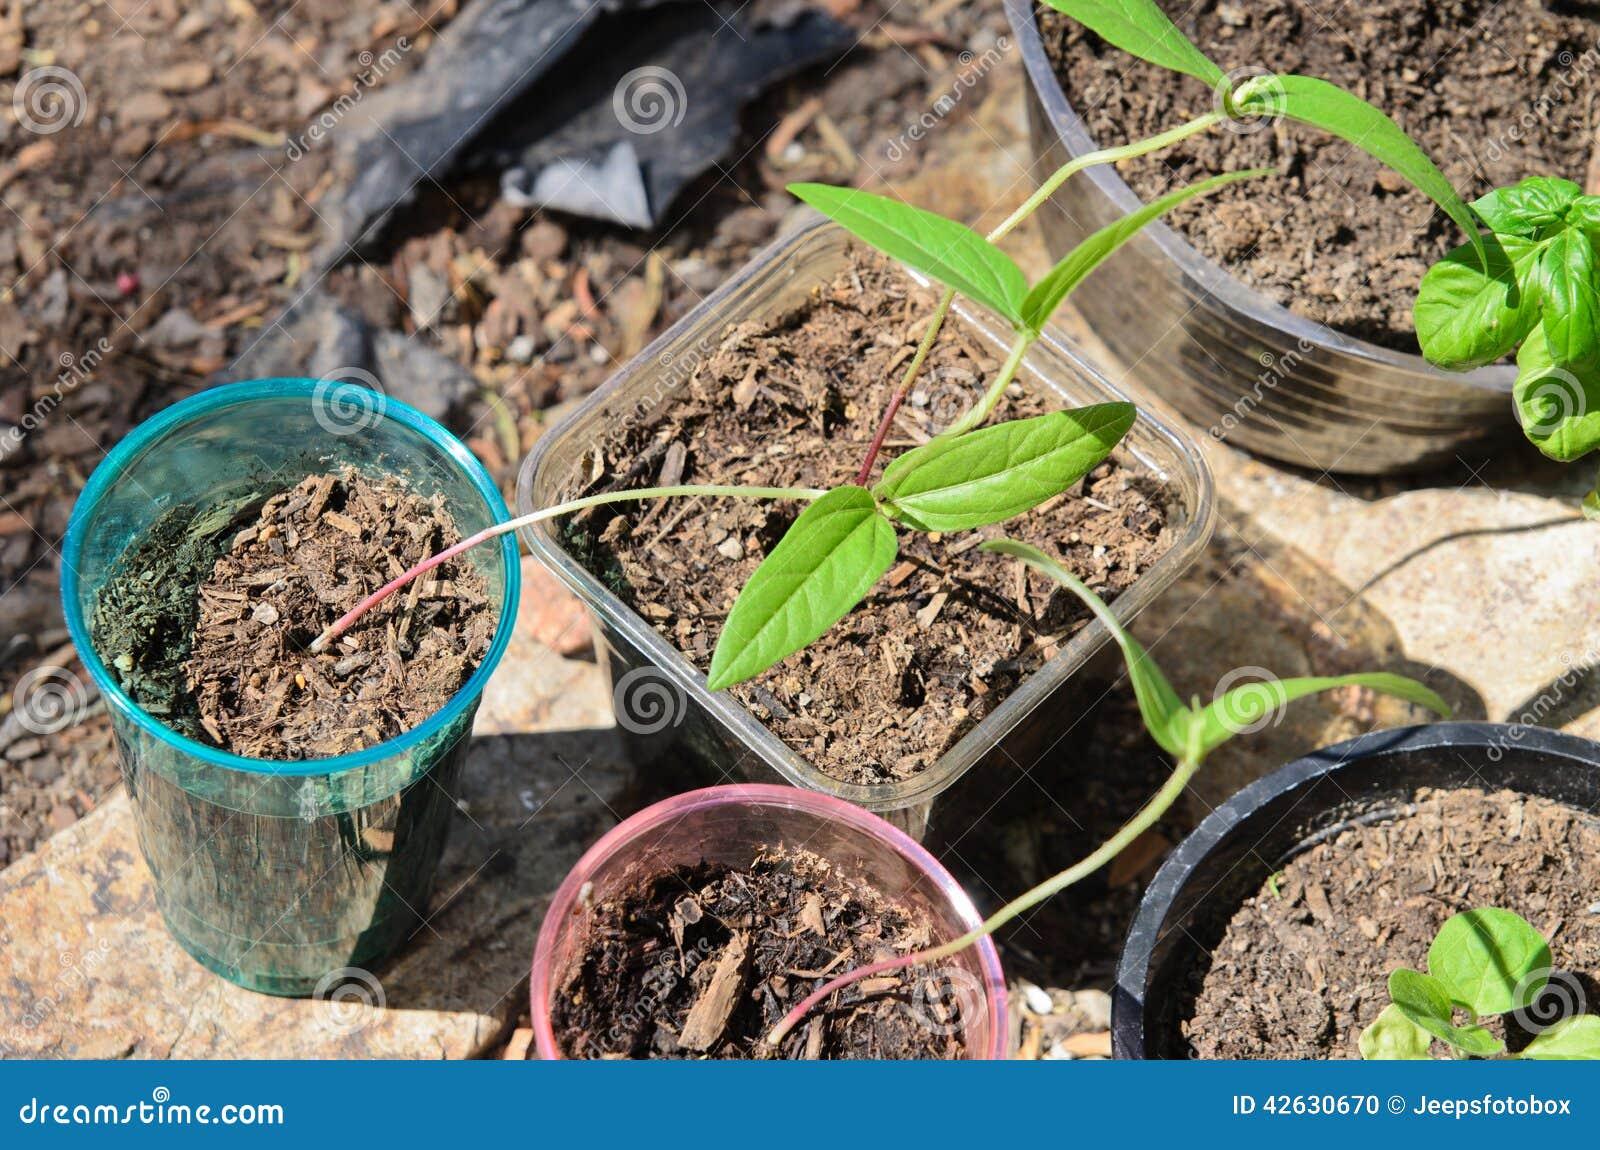 pousses de haricot vert s 39 levant dans des pots photo stock image du sain herbe 42630670. Black Bedroom Furniture Sets. Home Design Ideas